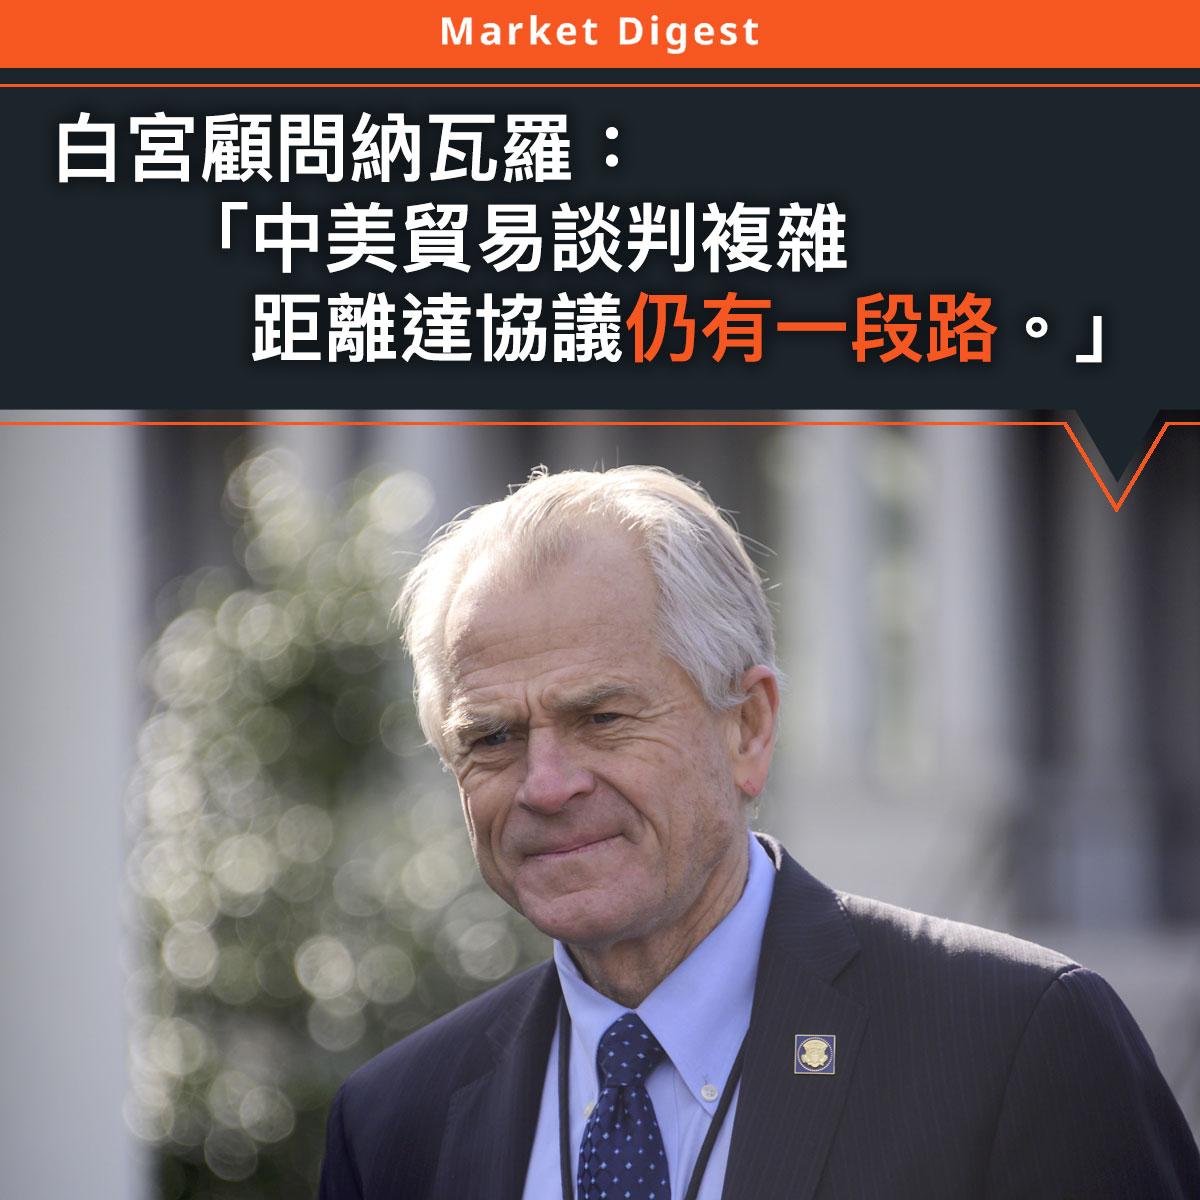 【中美和談】白宮顧問納瓦羅:「中美貿易談判複雜,距離達協議仍有一段路。」